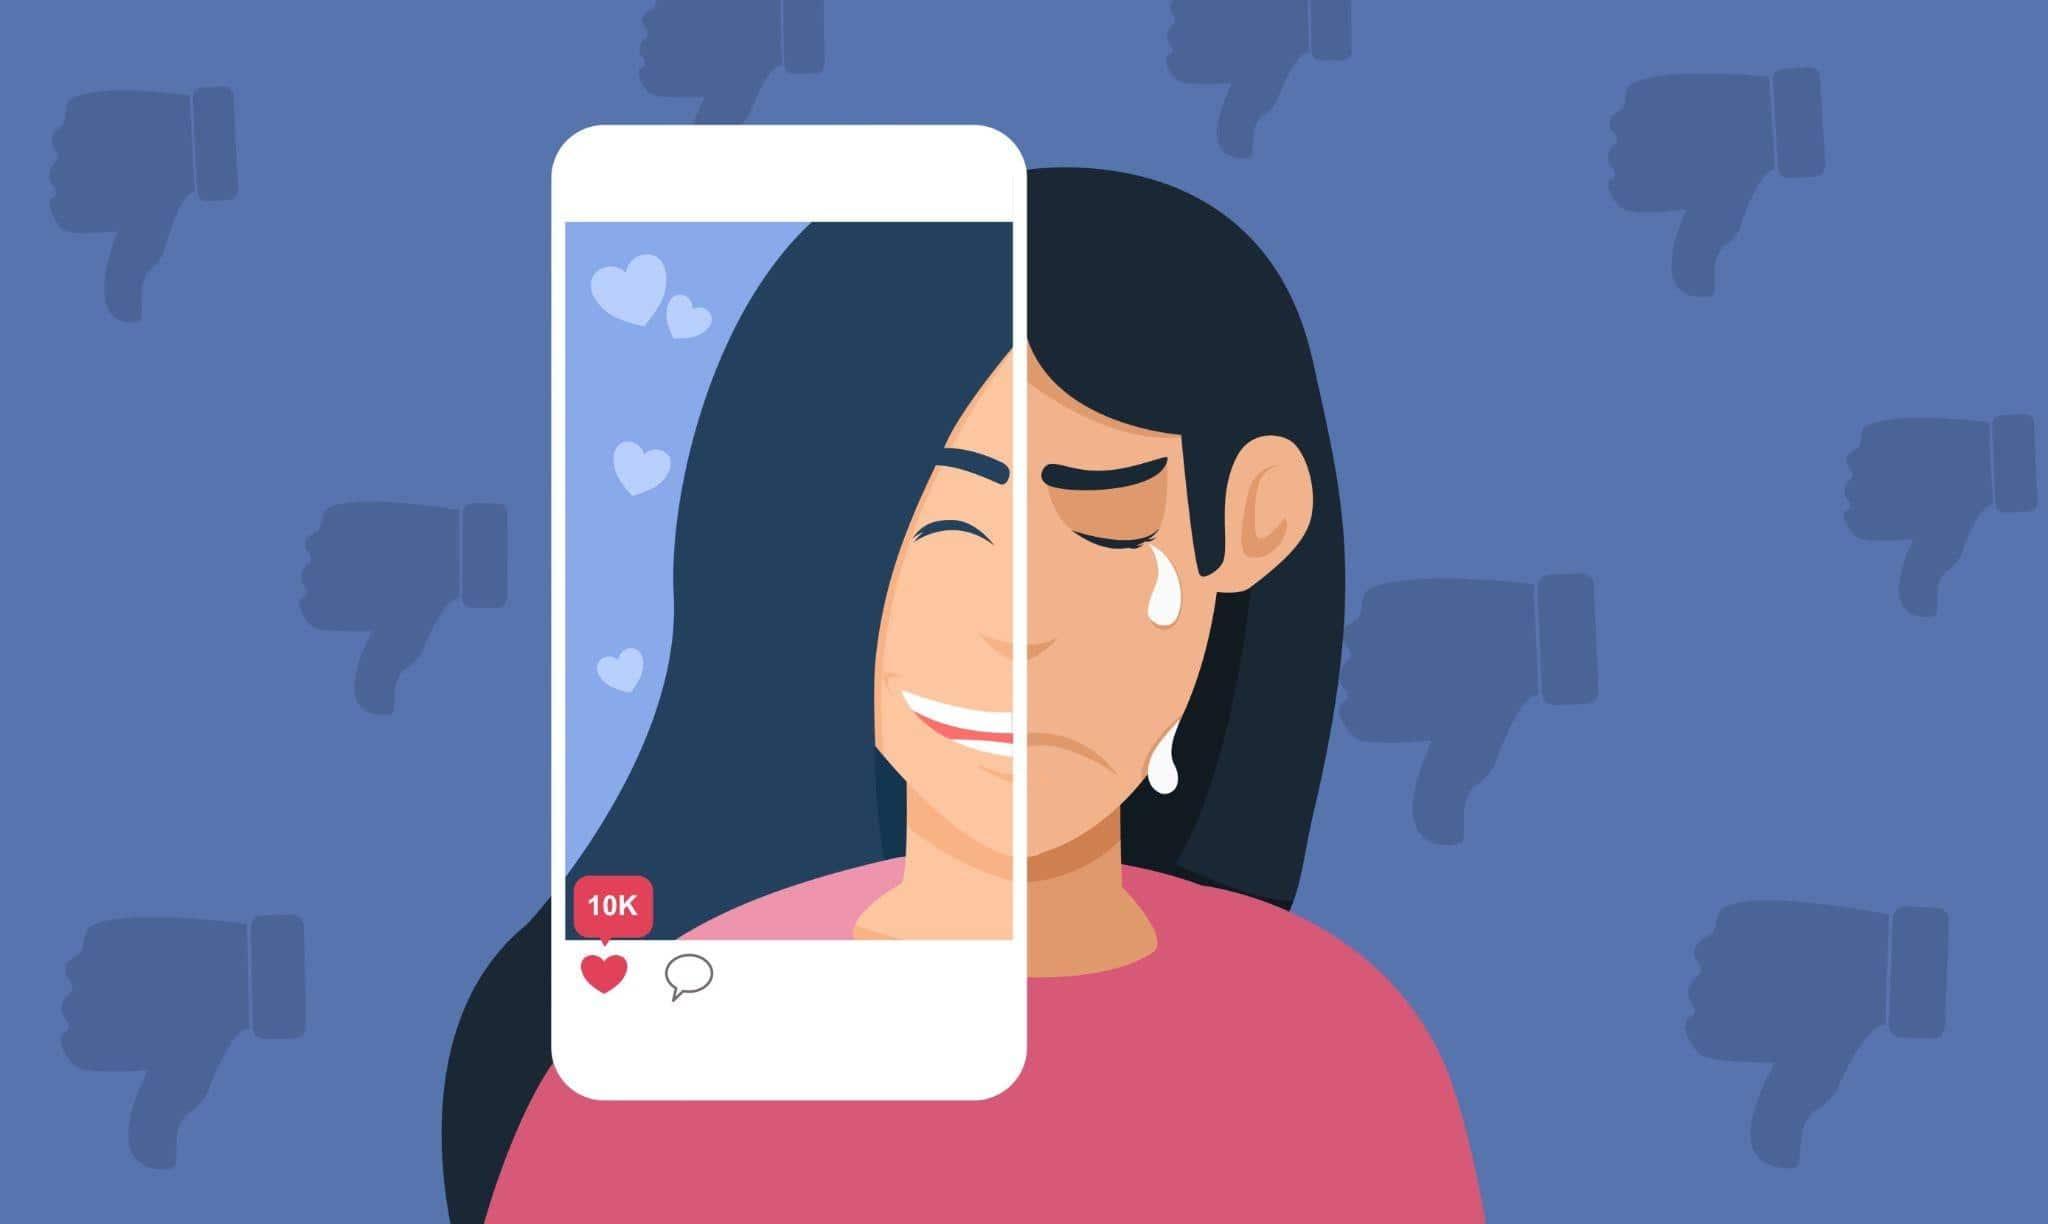 Pitfalls of Social Media